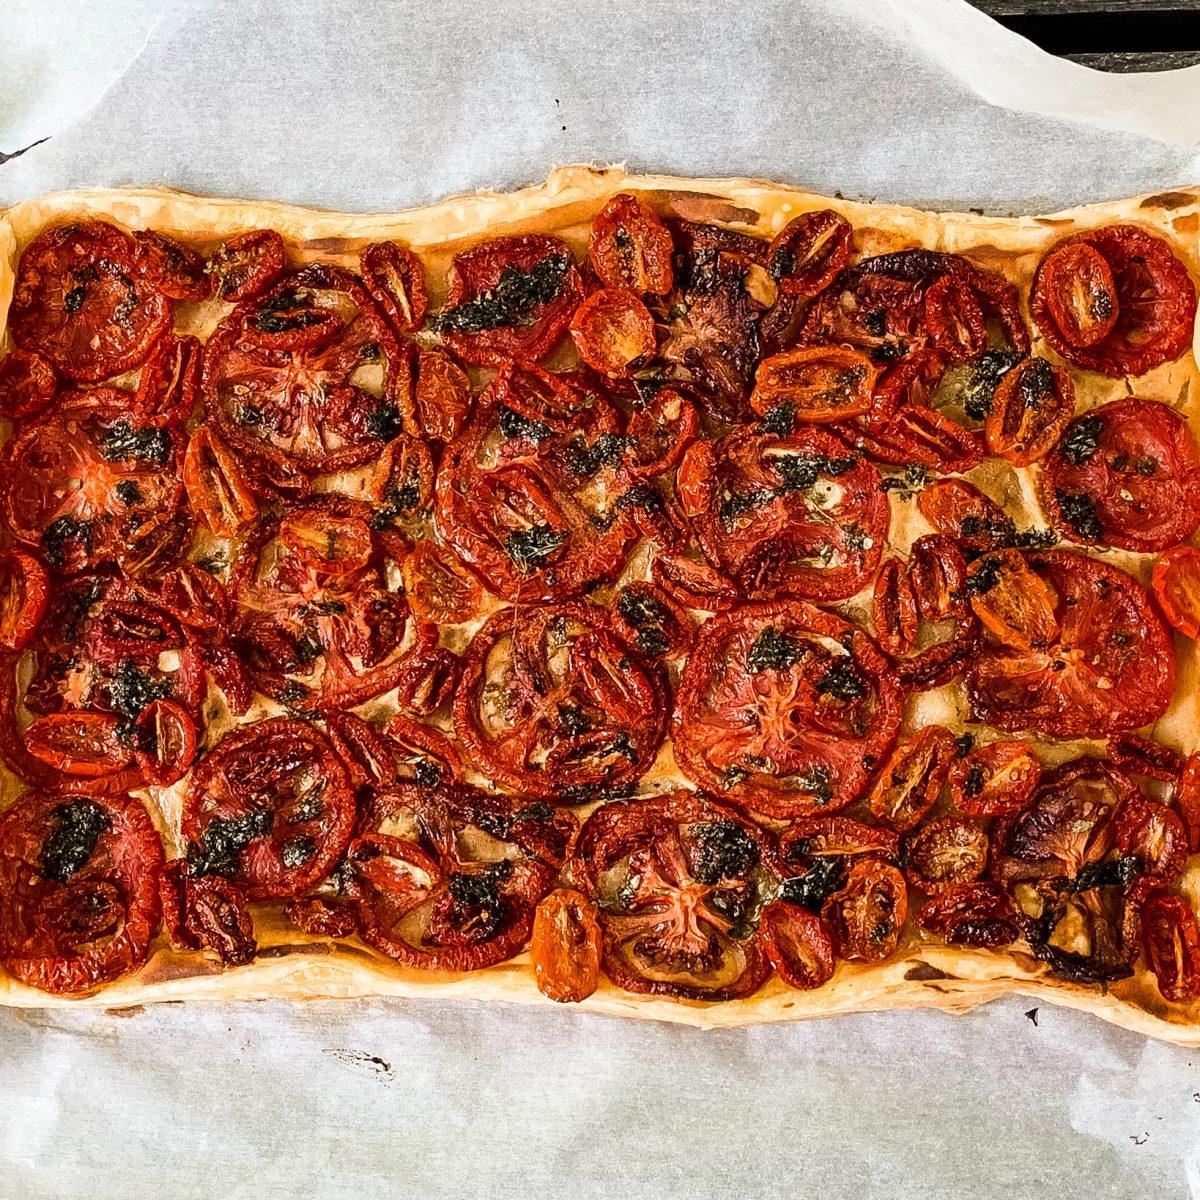 boulangerie montréal,recette arhoma,Tarte à la tomate, Arhoma boulangerie, pâte feuilletée arhoma